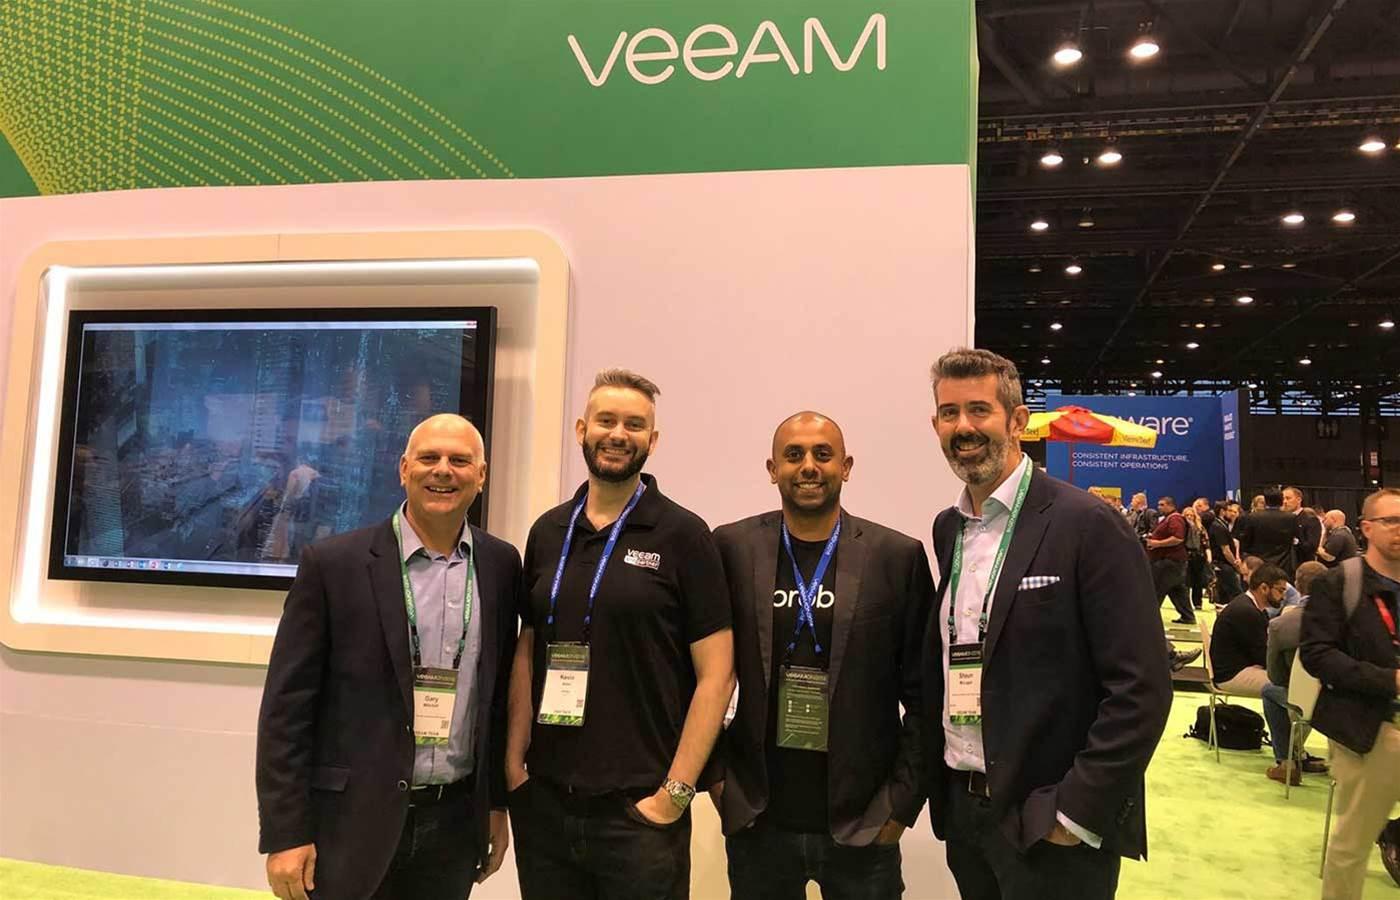 Aussie Veeam reseller wins global award